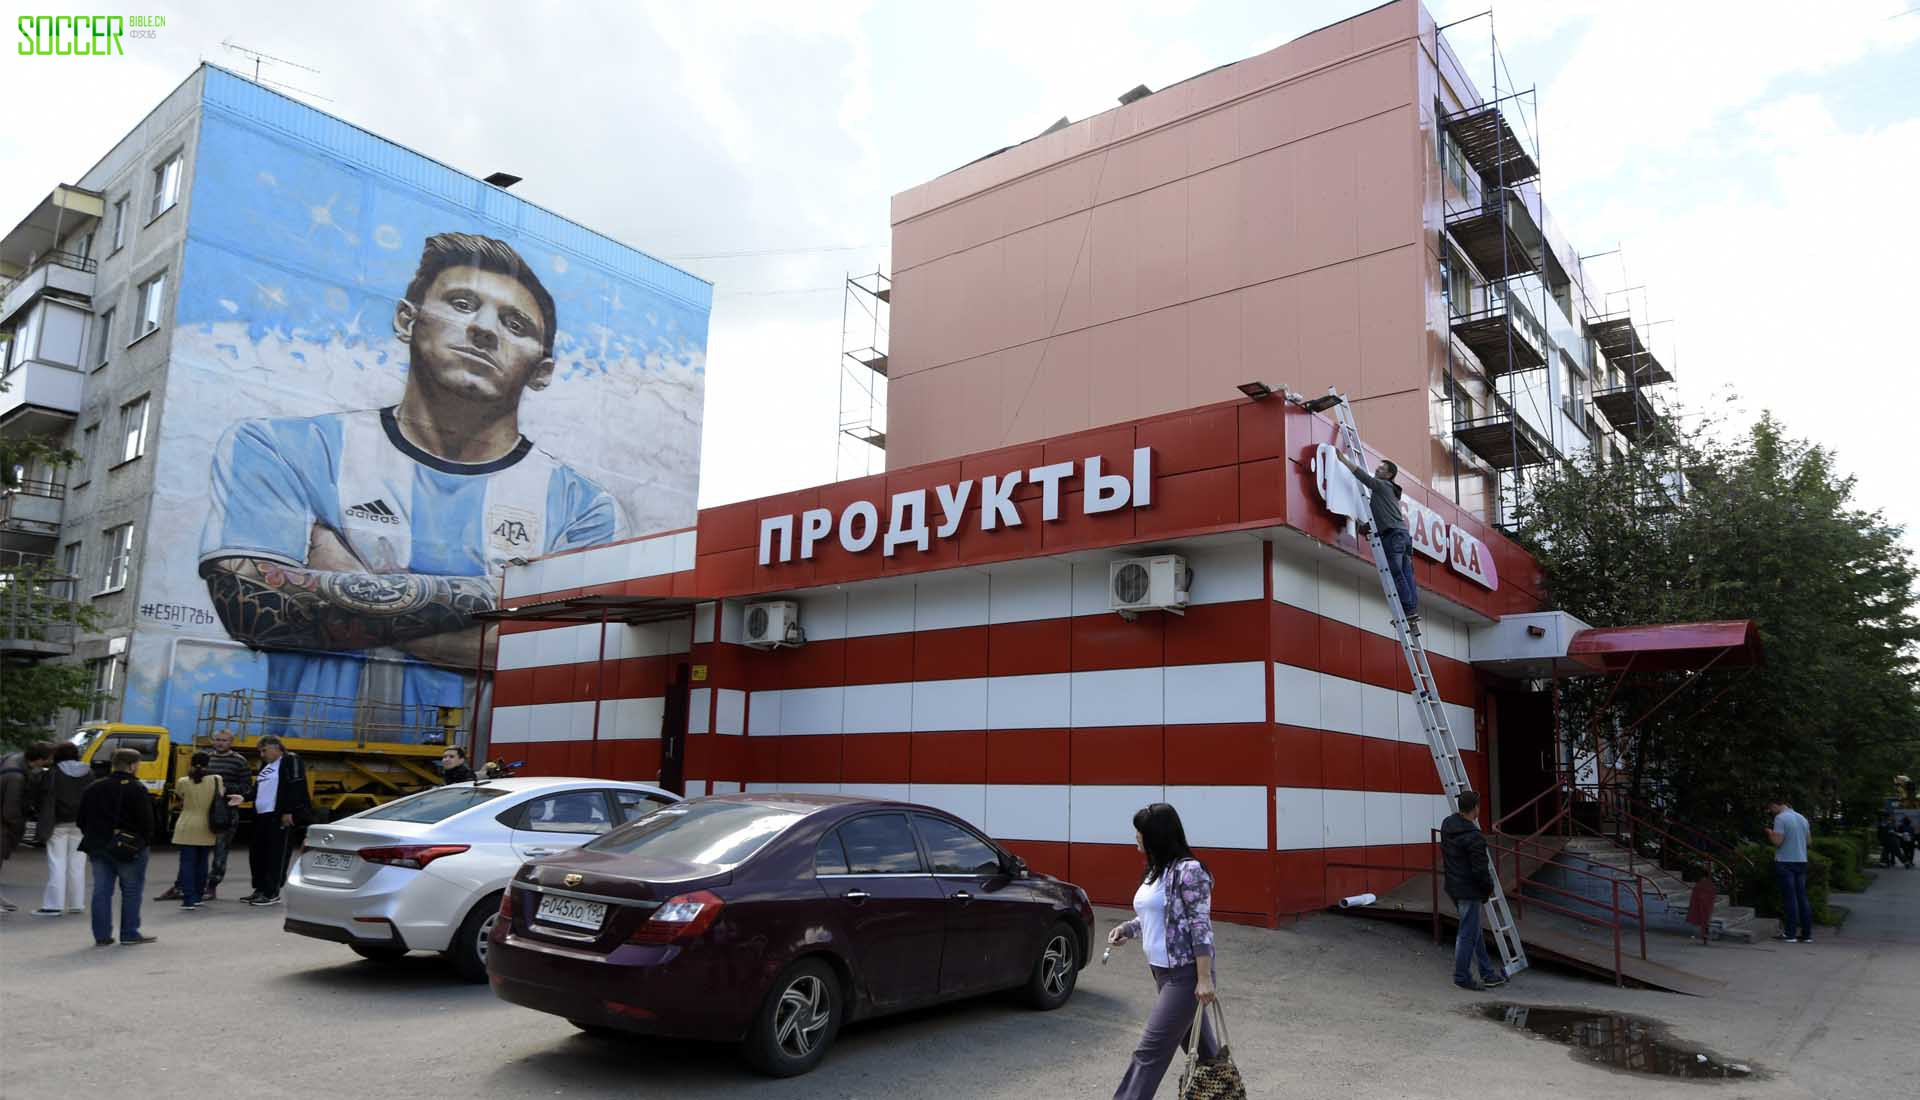 俄罗斯街头艺术家在莫斯科创作梅西壁画